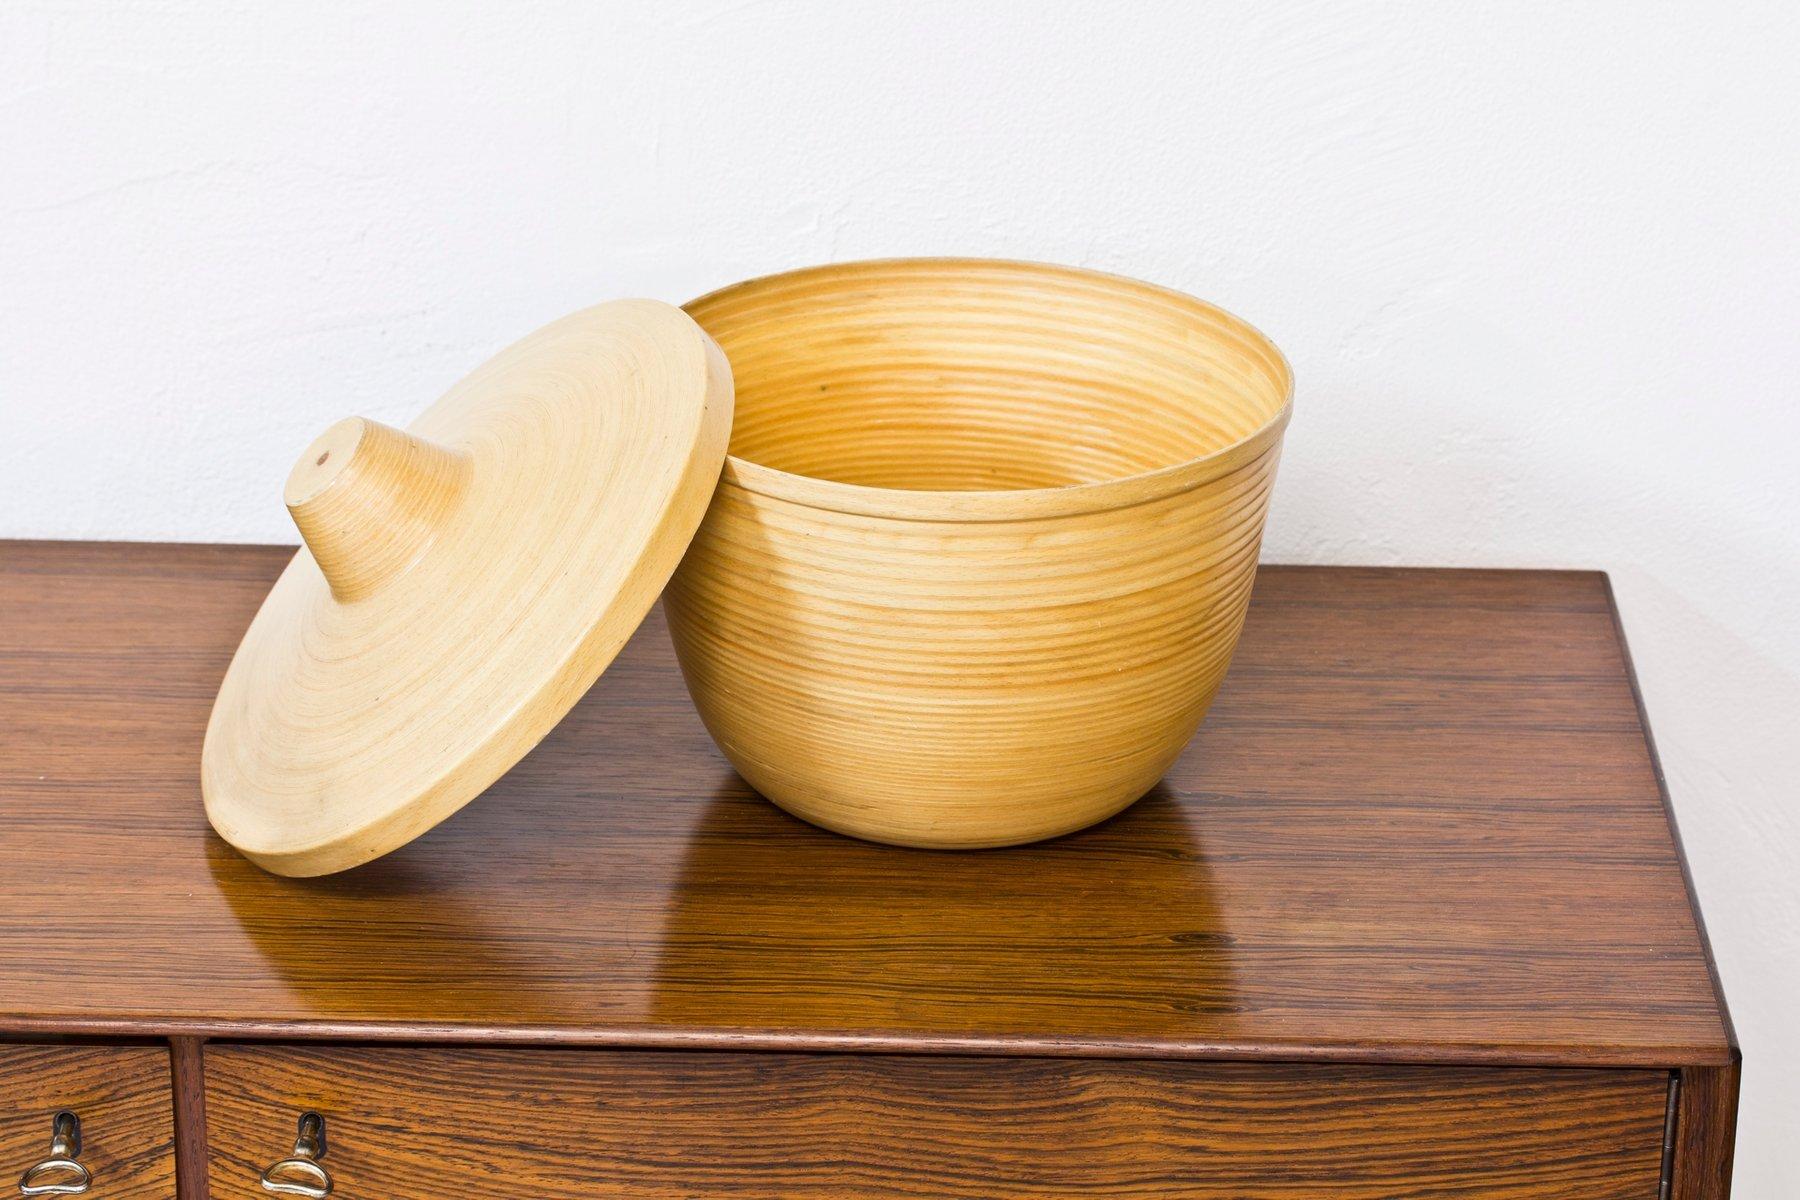 japanischer bambus eschenholz beh lter mit deckel 1950er bei pamono kaufen. Black Bedroom Furniture Sets. Home Design Ideas